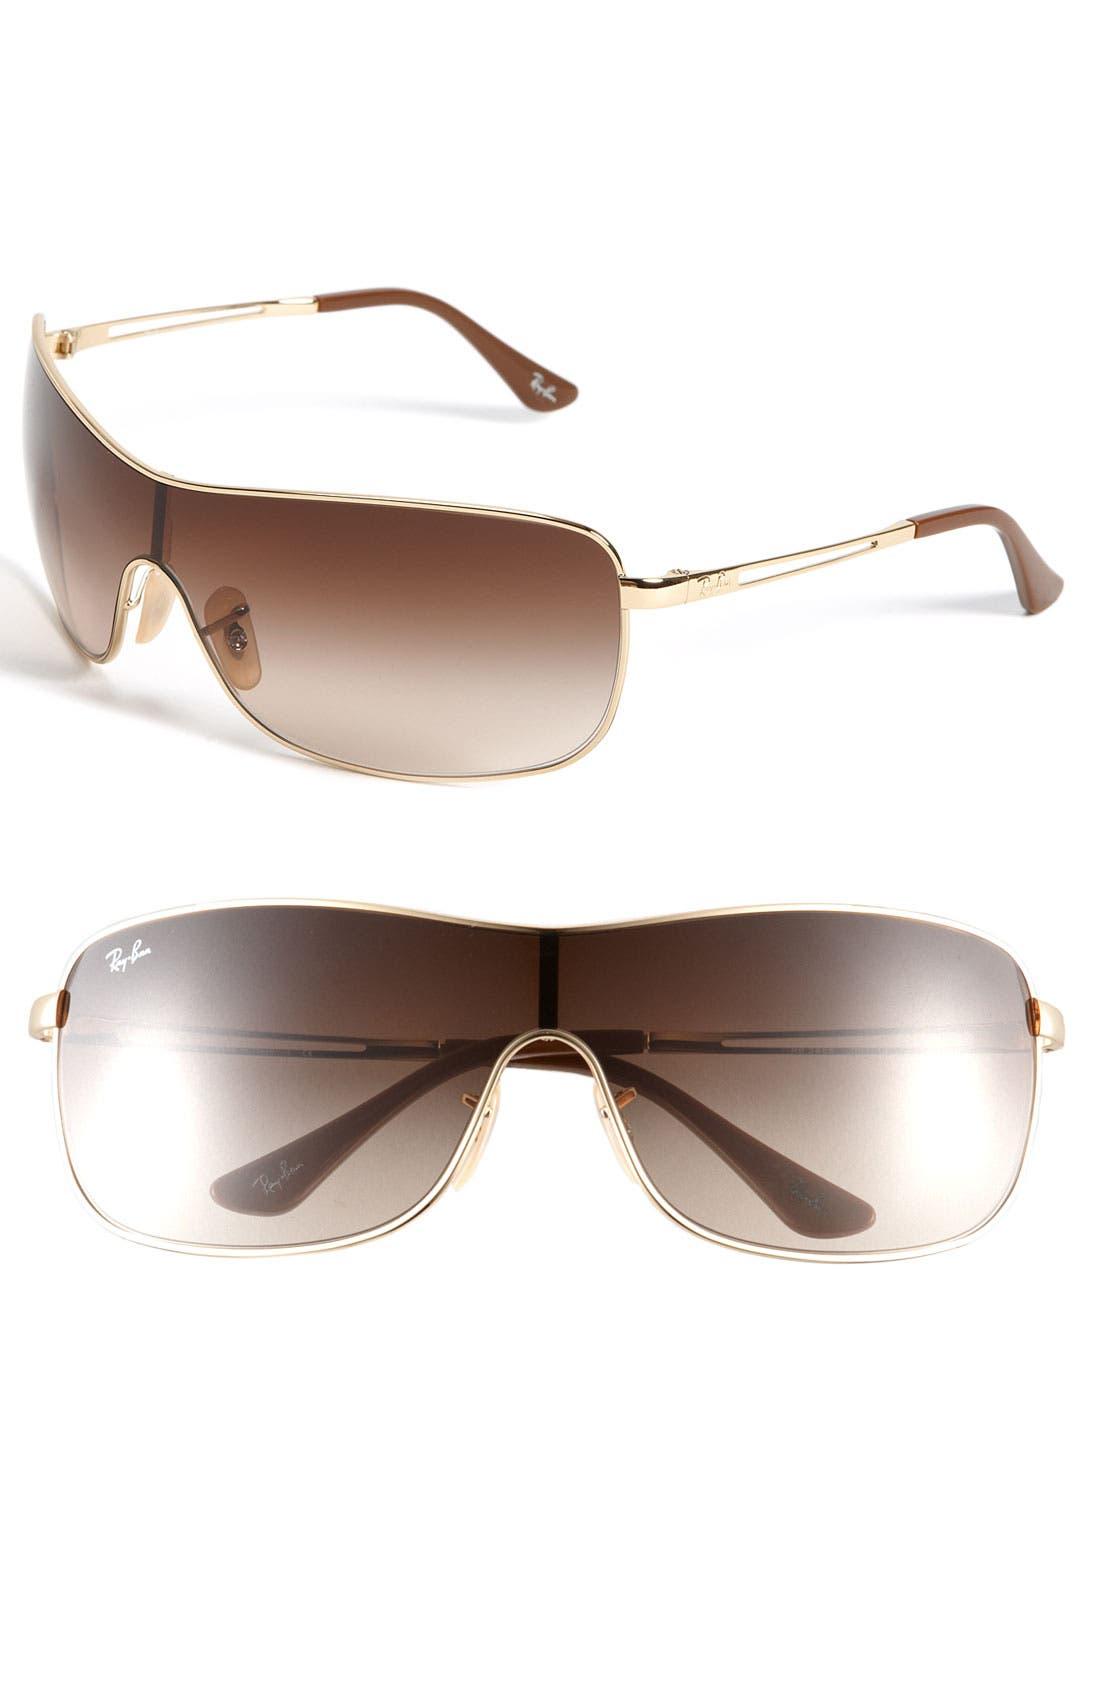 Main Image - Ray-Ban 65mm Metal Shield Sunglasses